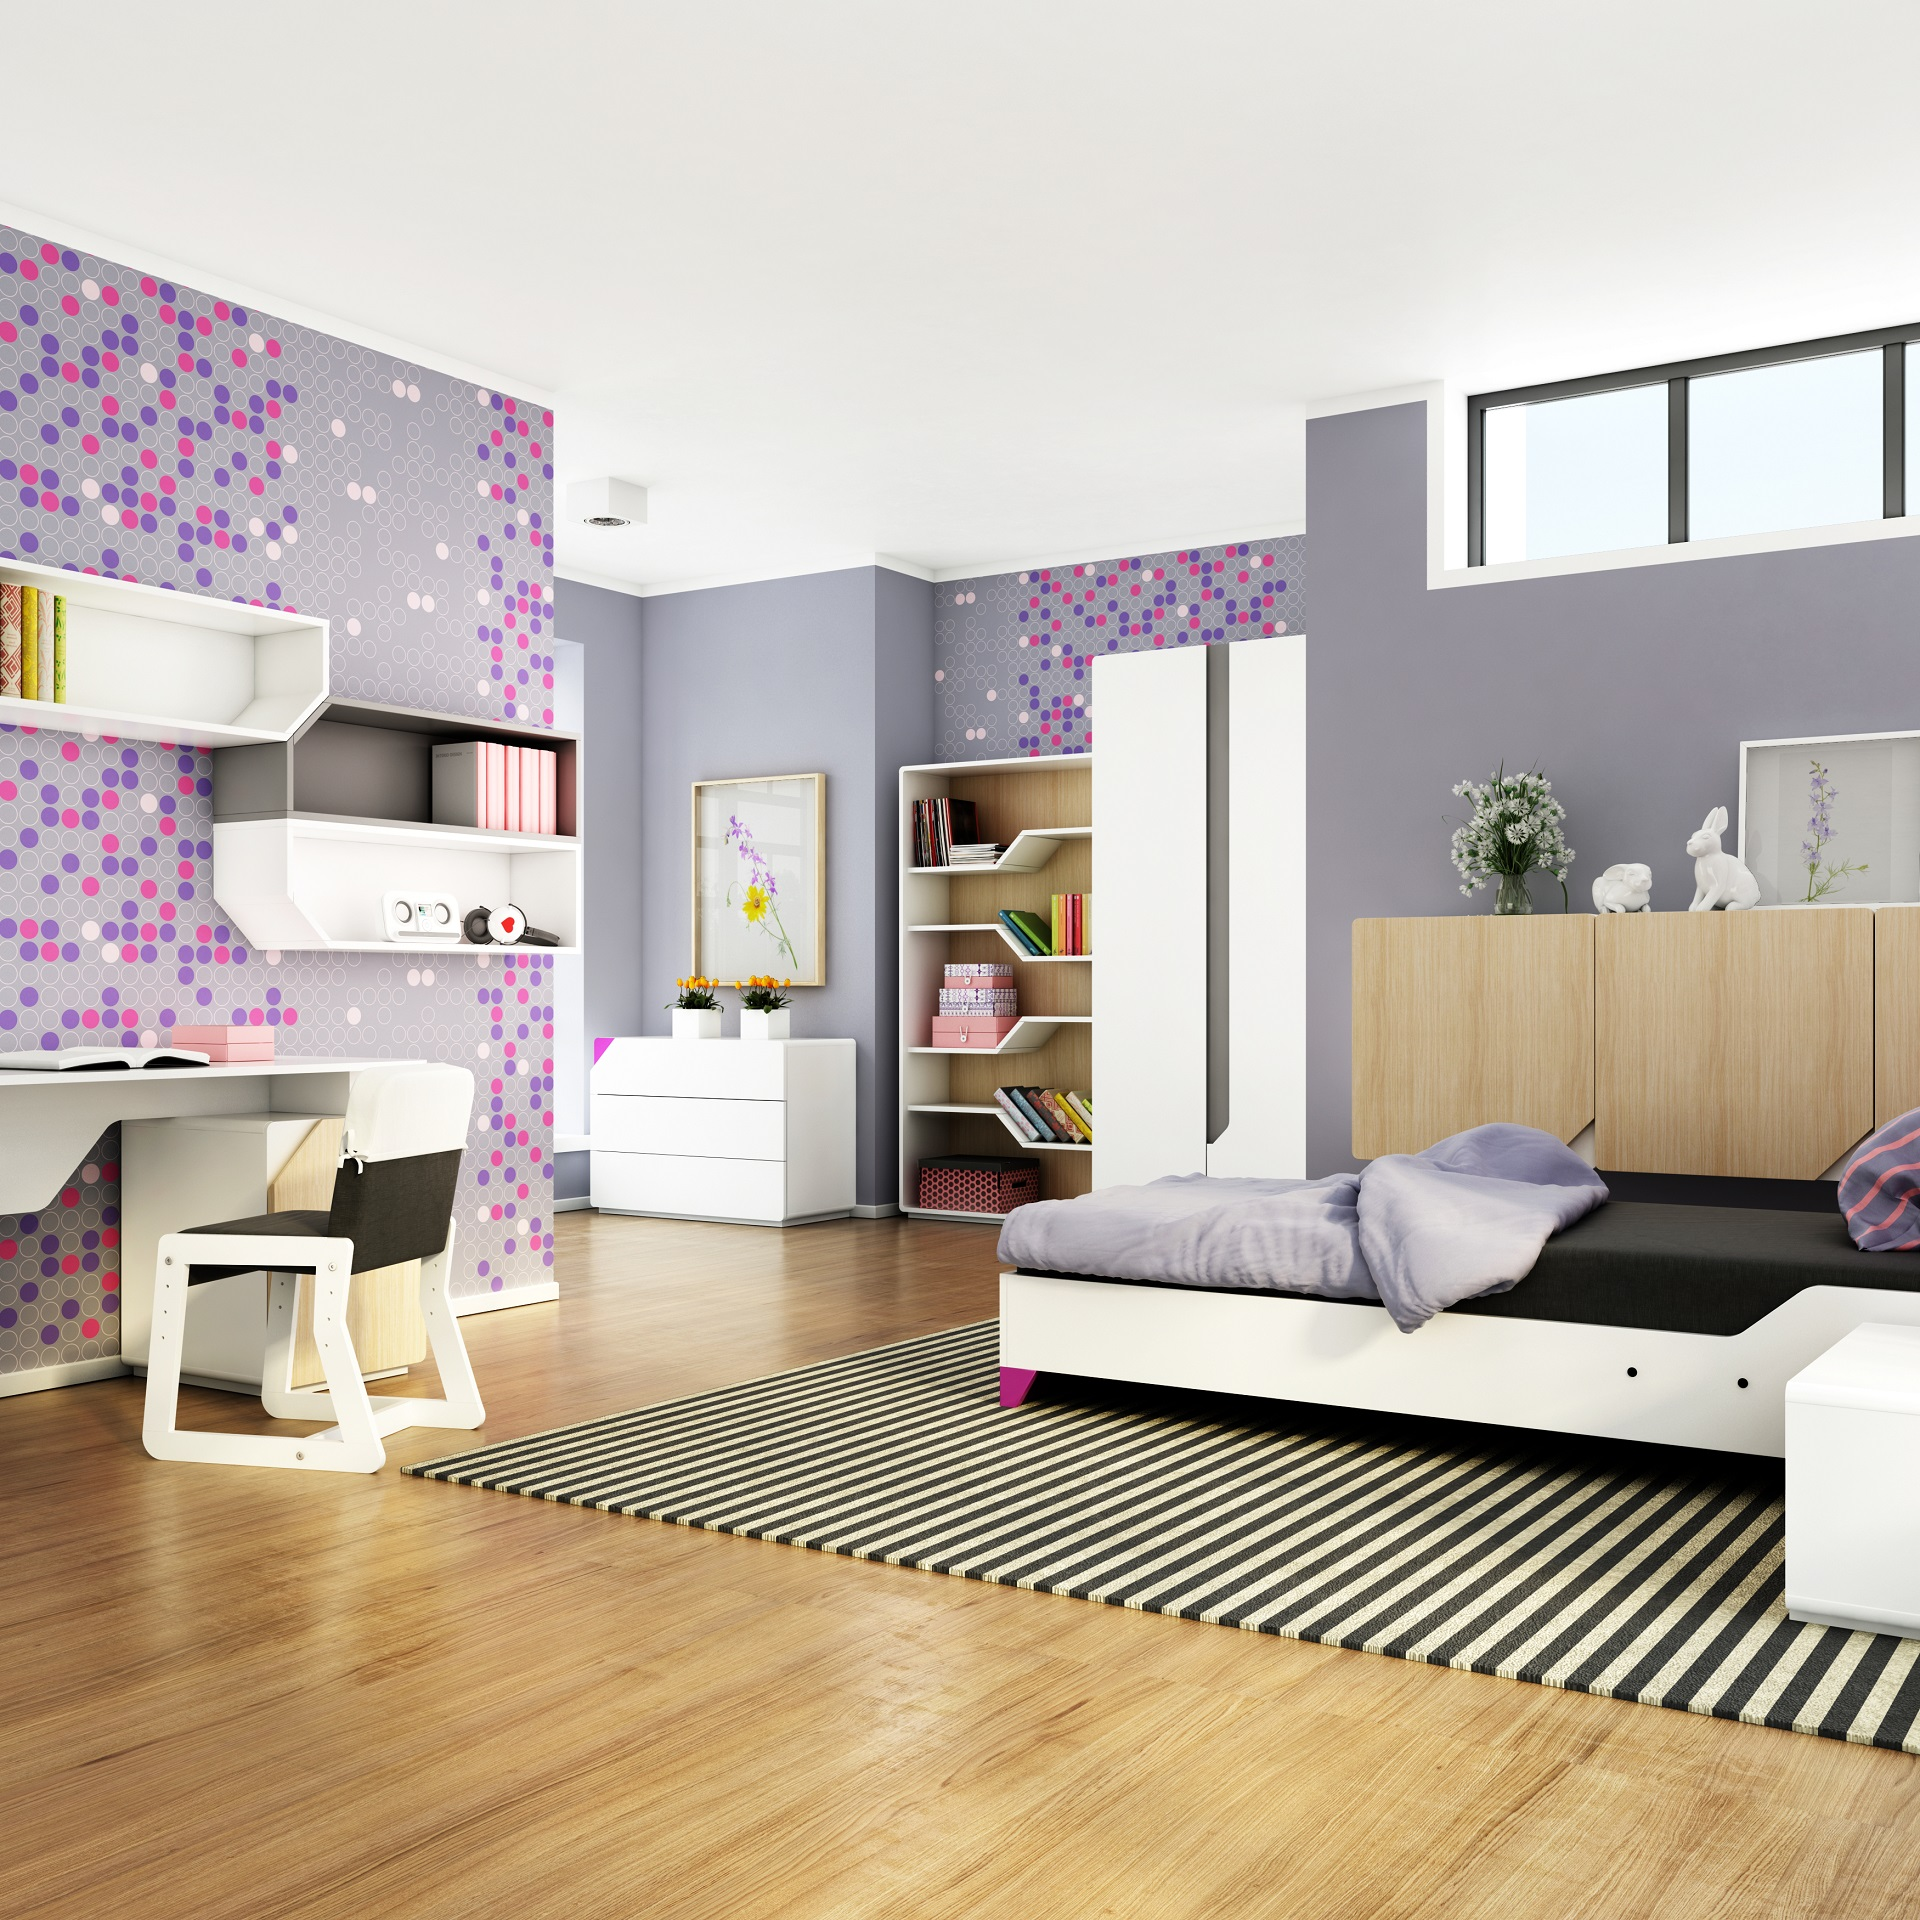 timoore beep designerskie meble młodzieżowe ideal design